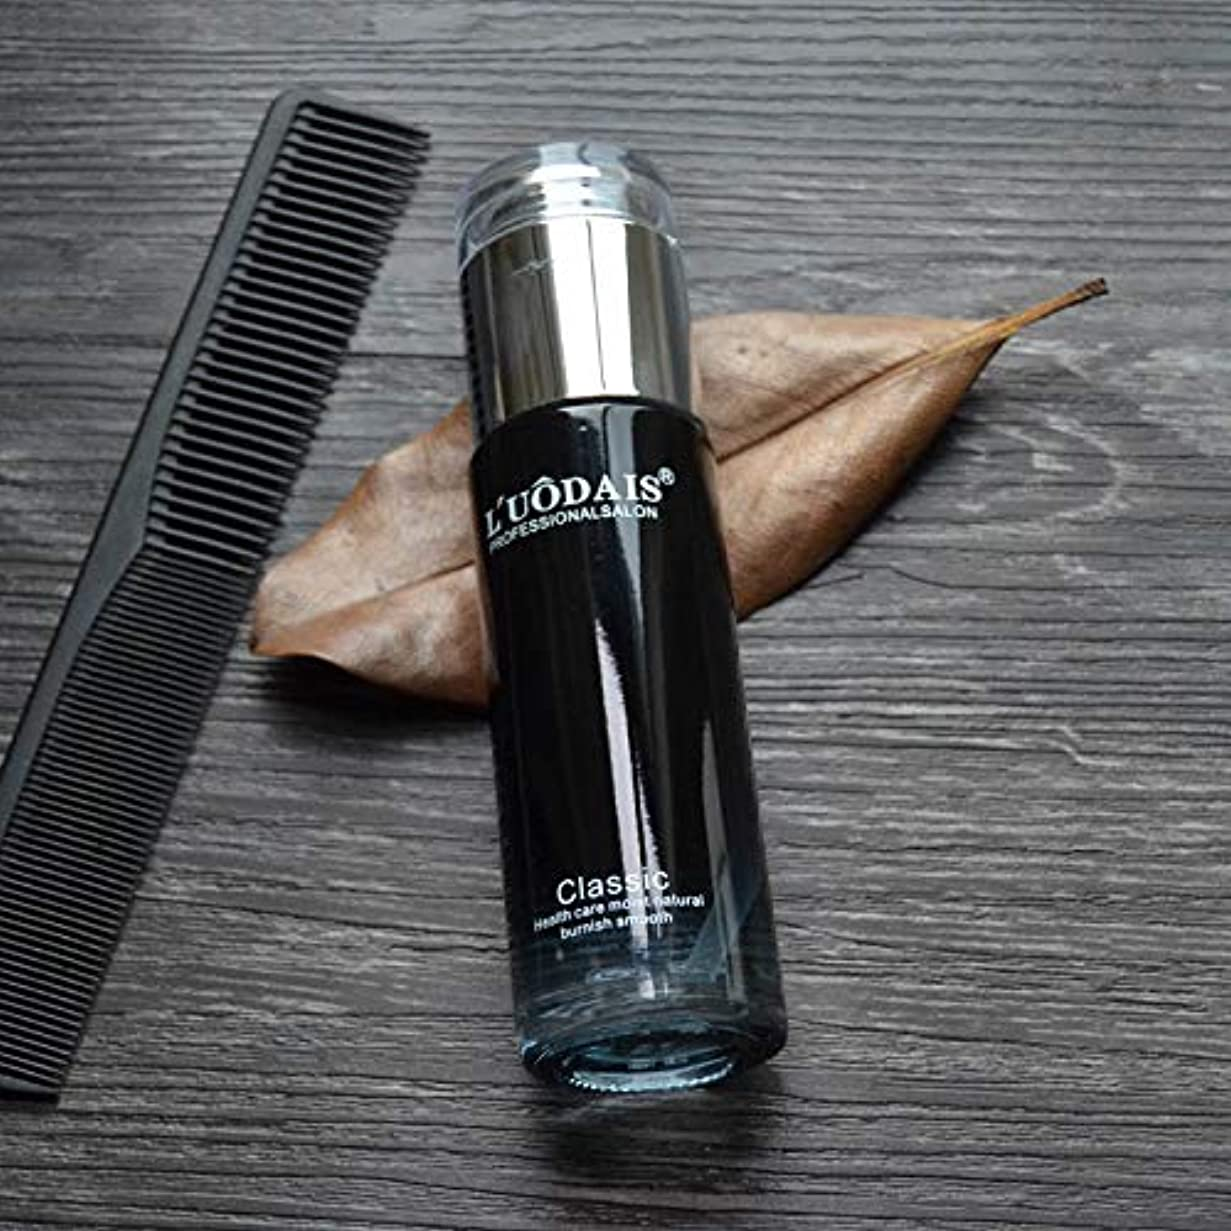 無臭売る回想Symboat 香水ヘアケアエッセンスオイル 保湿 ドライダメージヘアトリートメントオイル ヘアケア修復保護 天然オイル